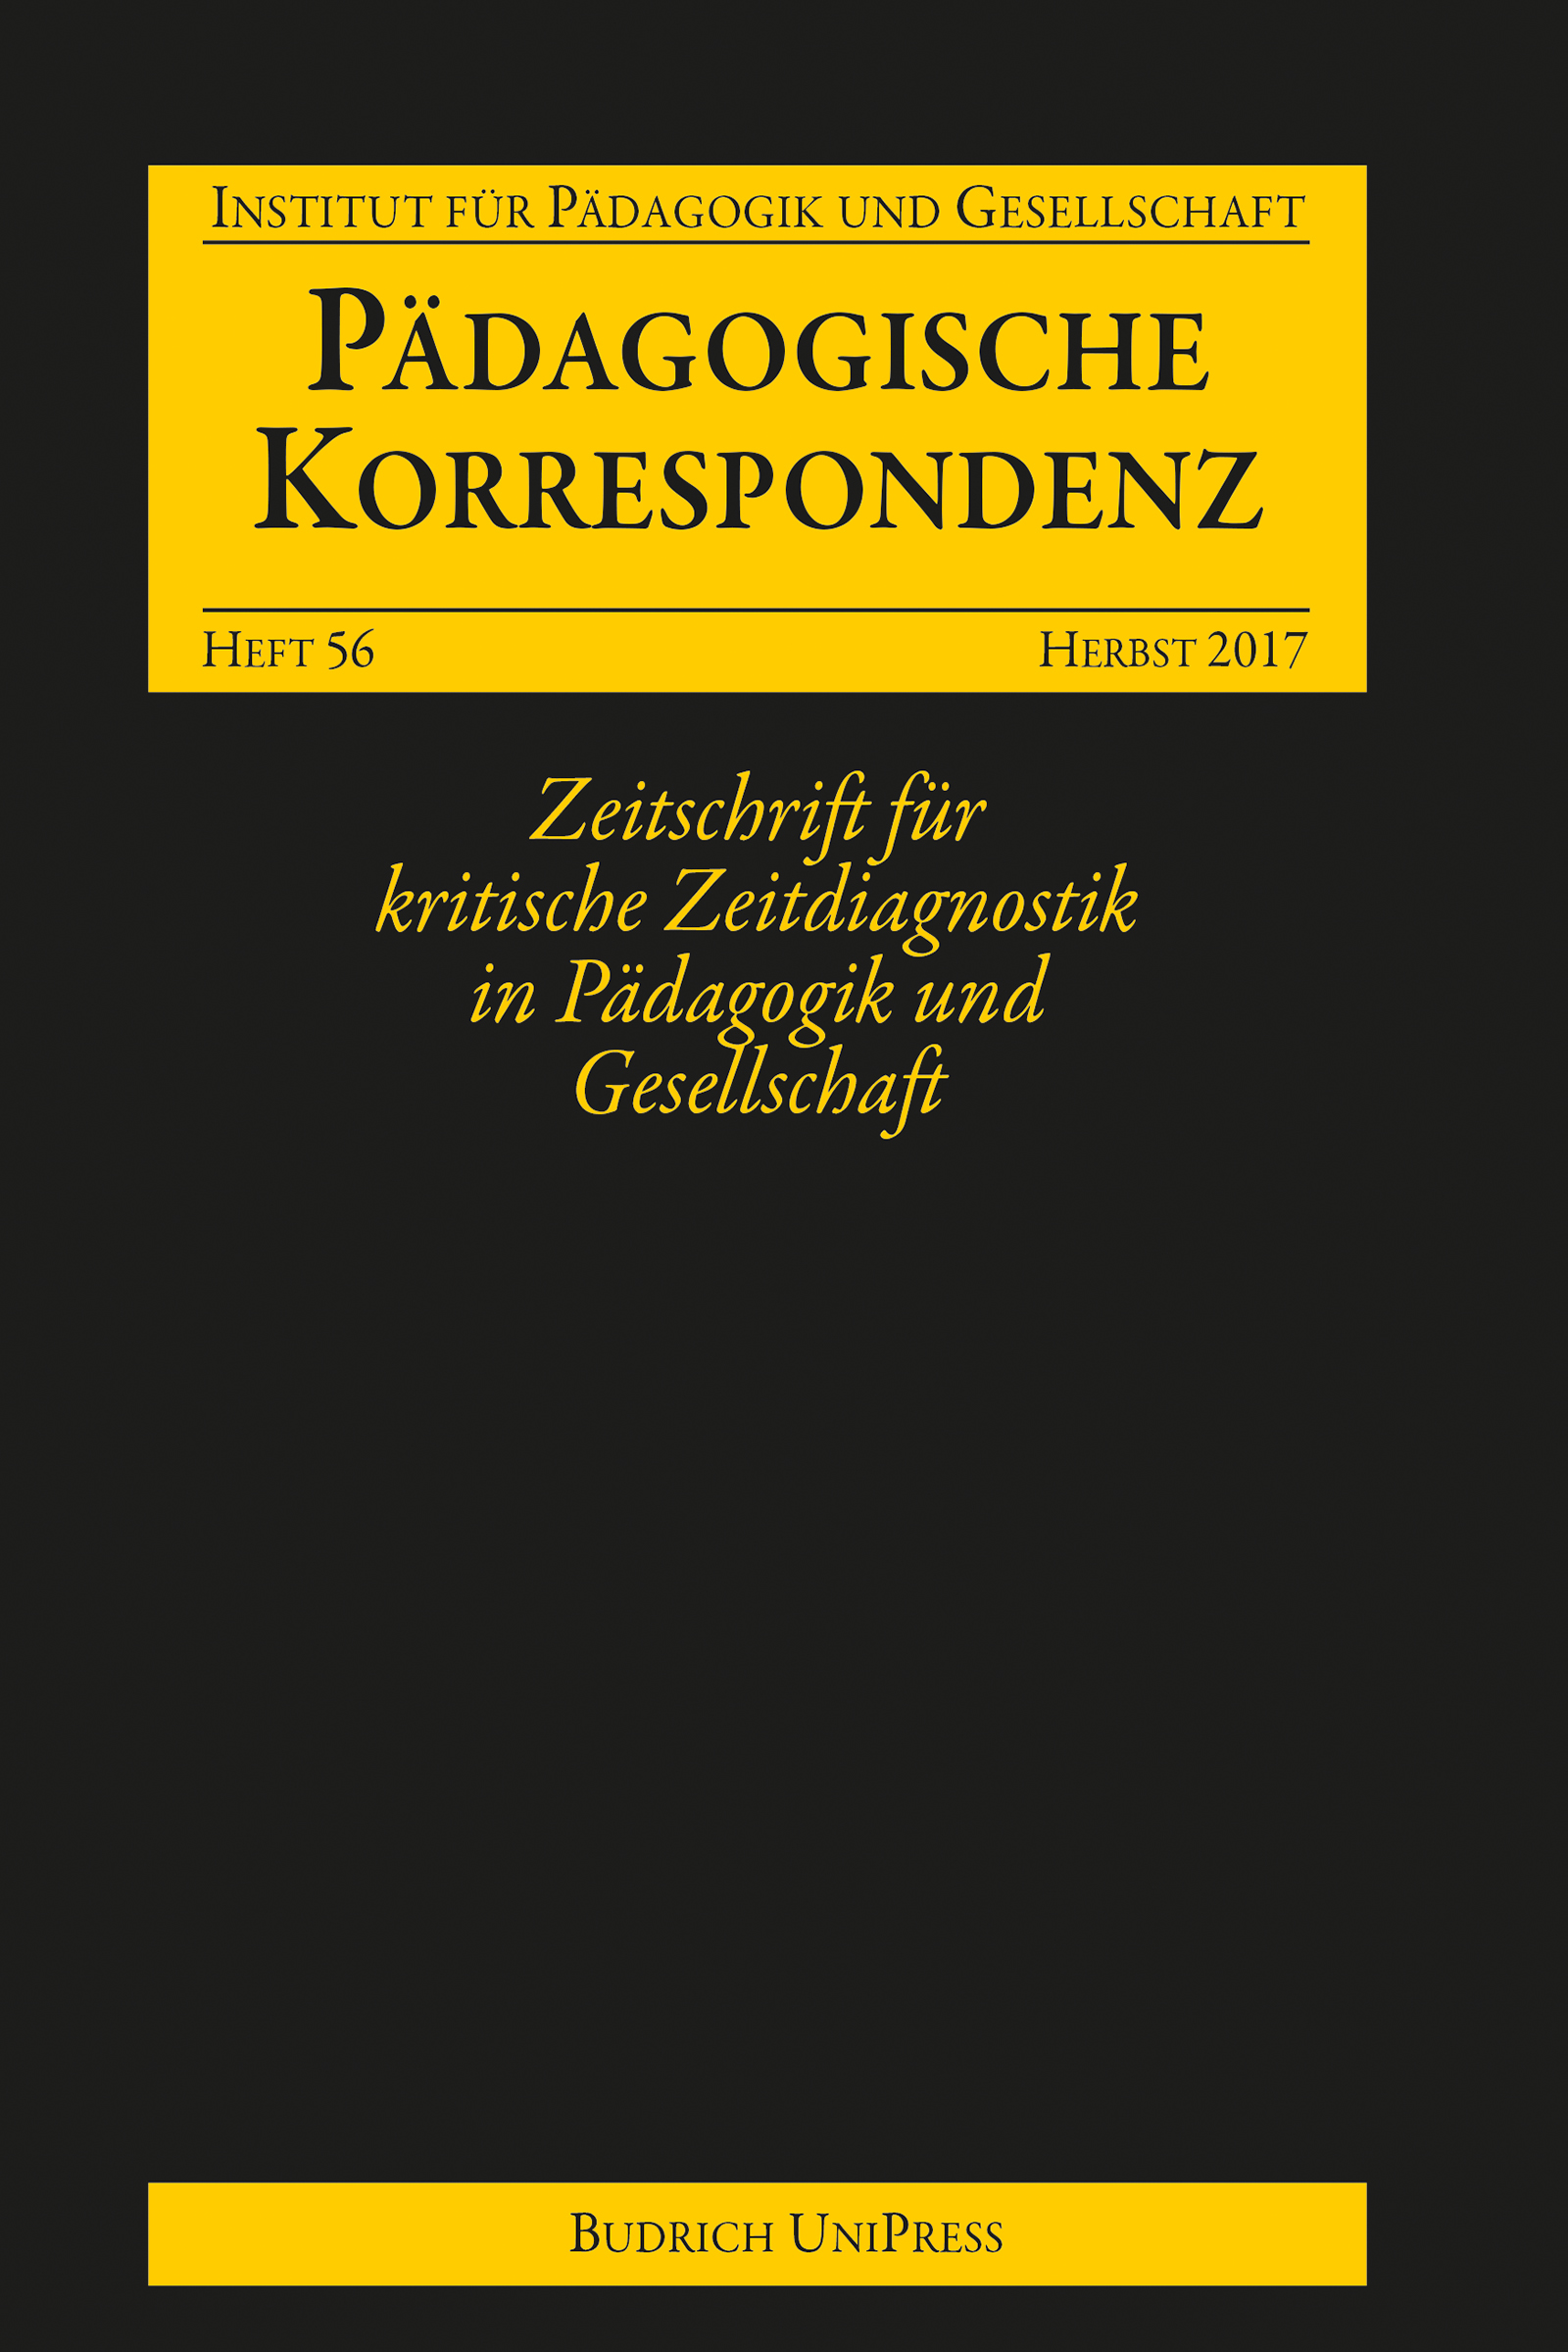 Pädagogische Korrespondenz 56 (2-2017) | Freie Beiträge